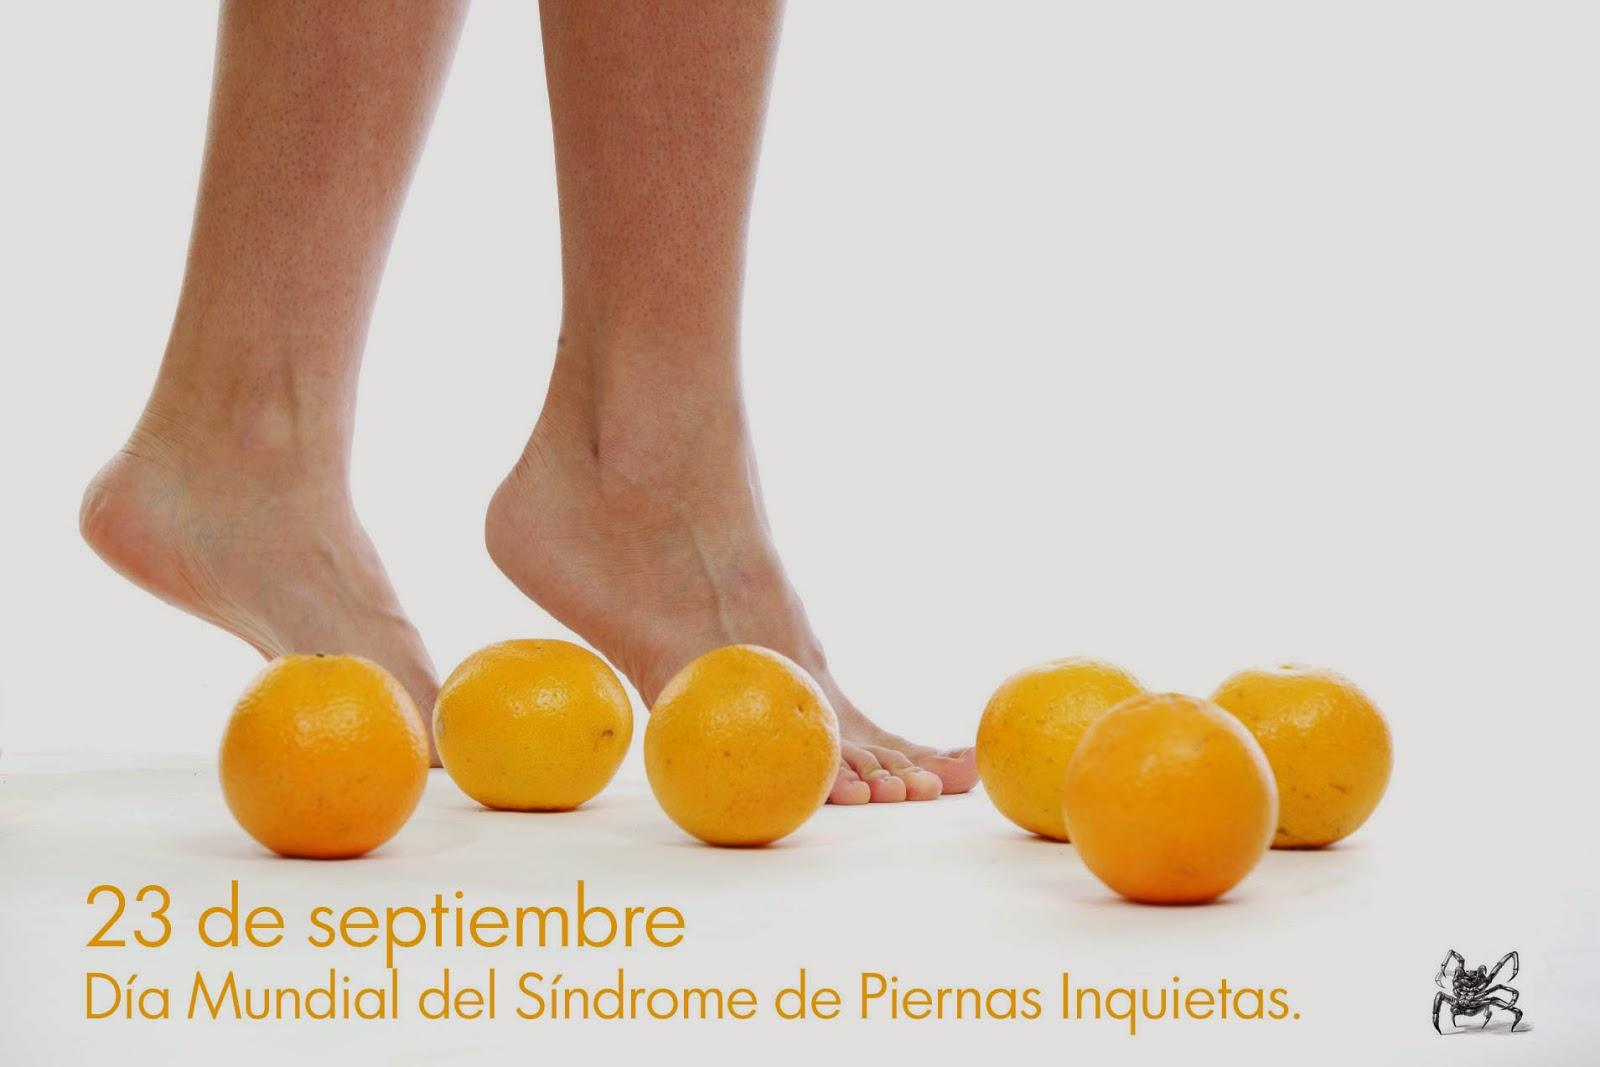 El 23 de septiembre es el día mundial del síndrome de piernas inquietas